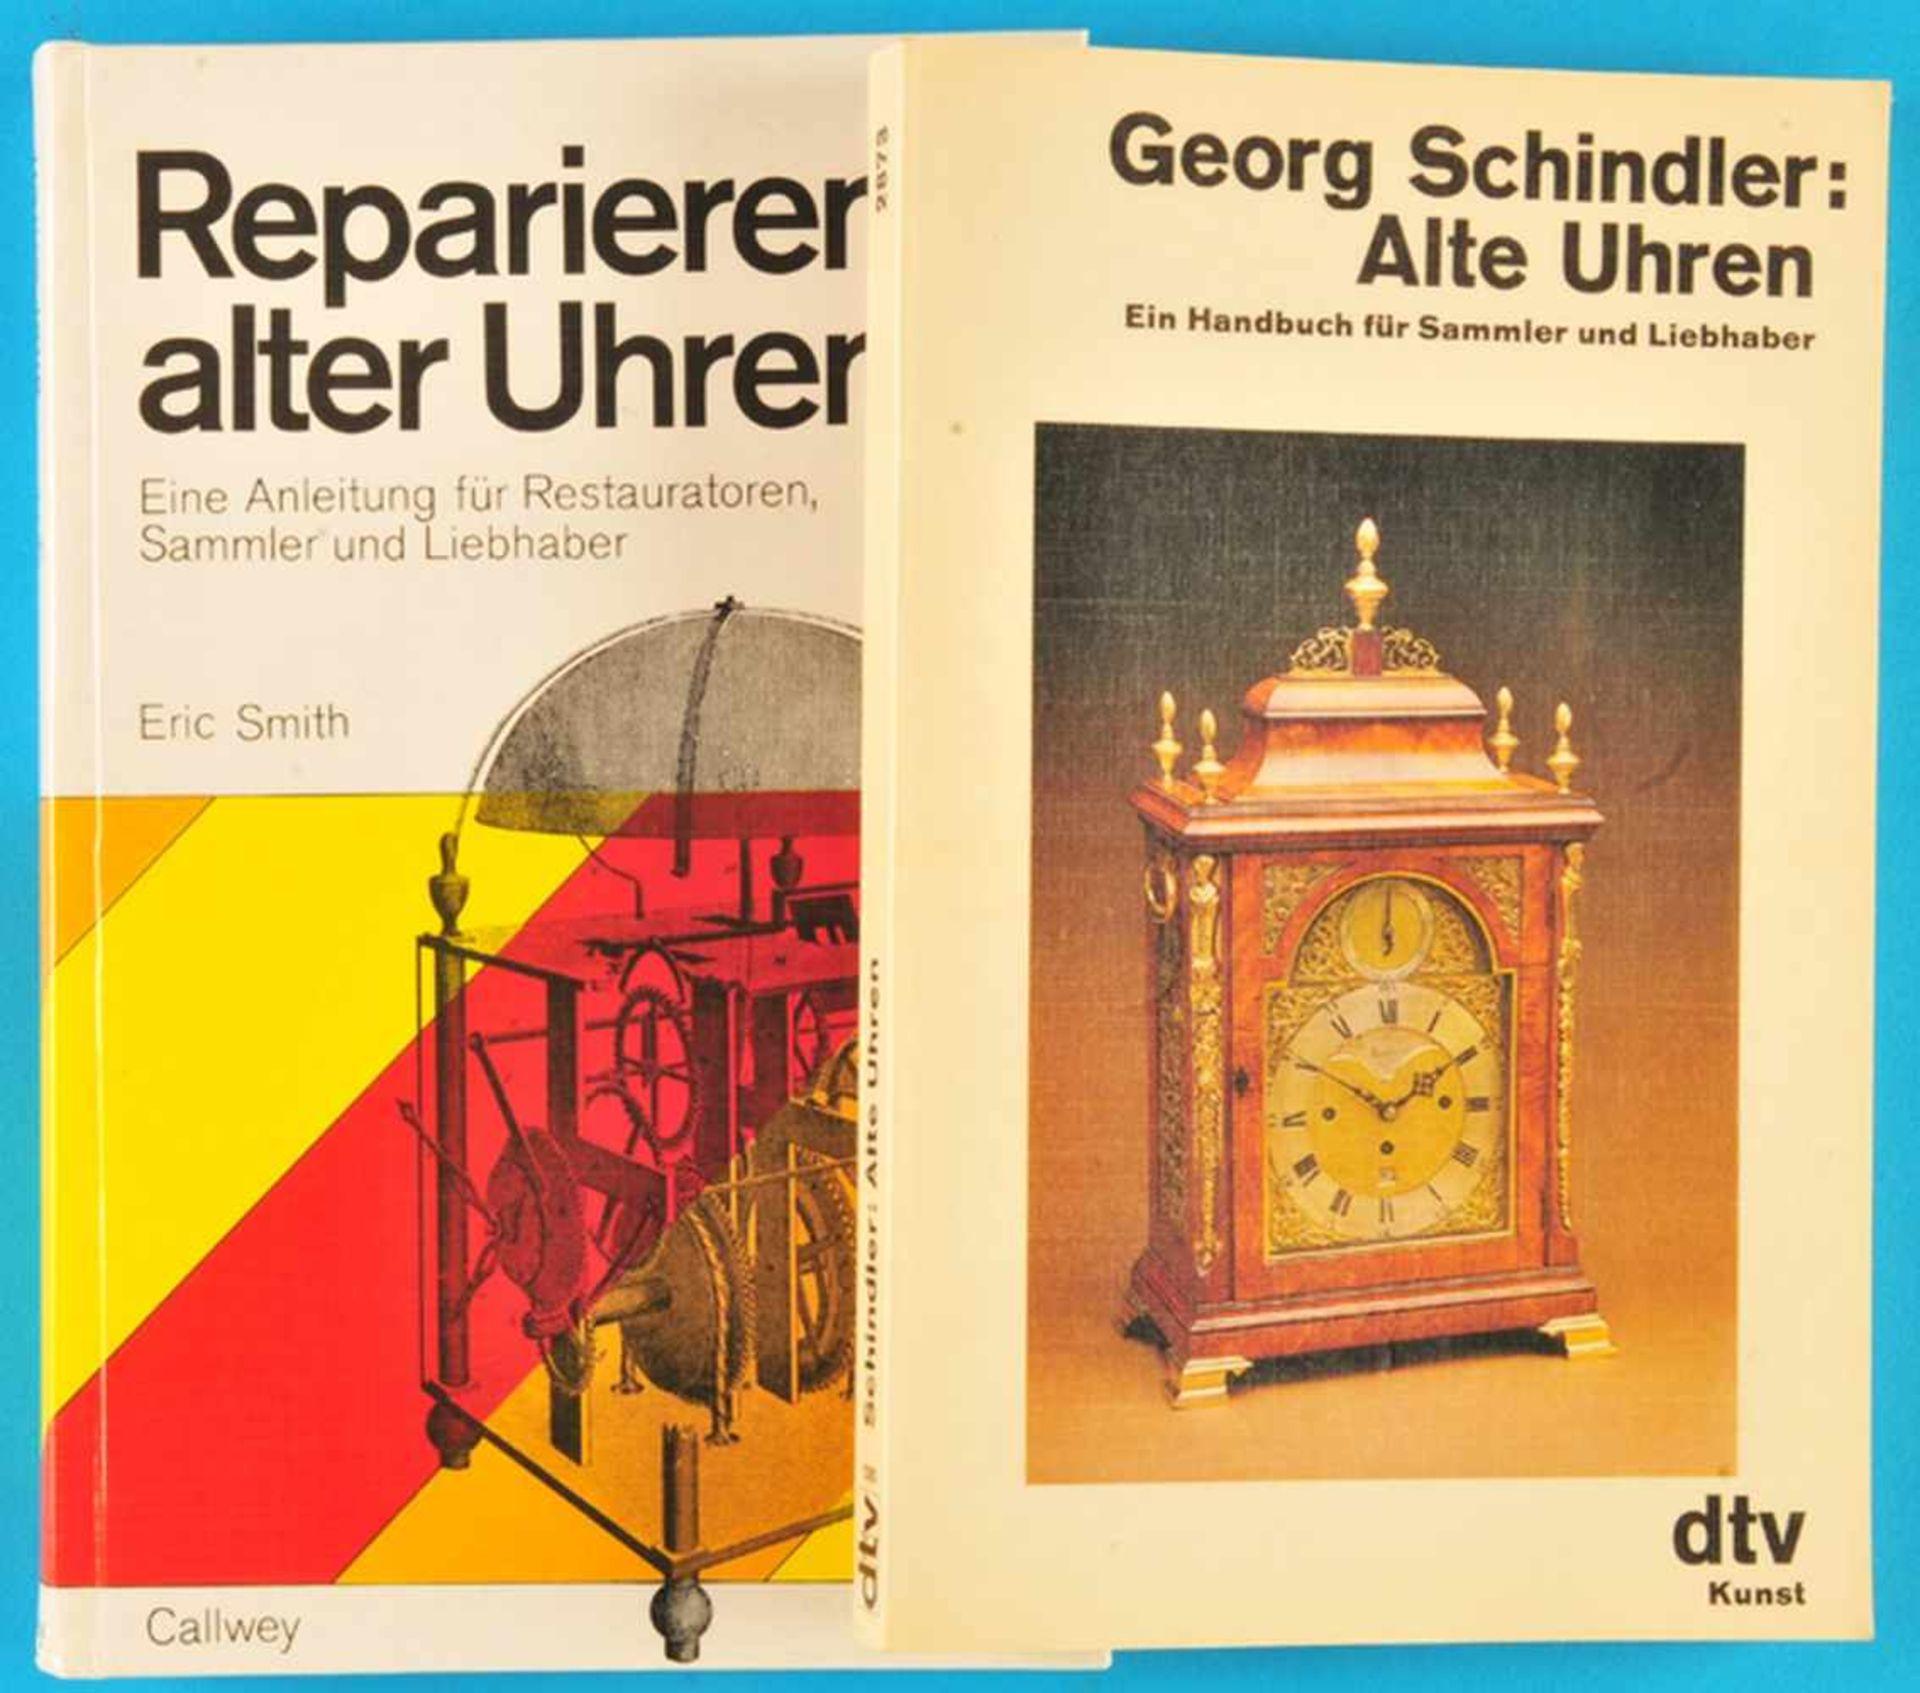 Los 46 - 2 kleine Bücher: Georg Schindler, Alte Uhren - Ein Handbuch für Sammler und Liebhaber, 19812